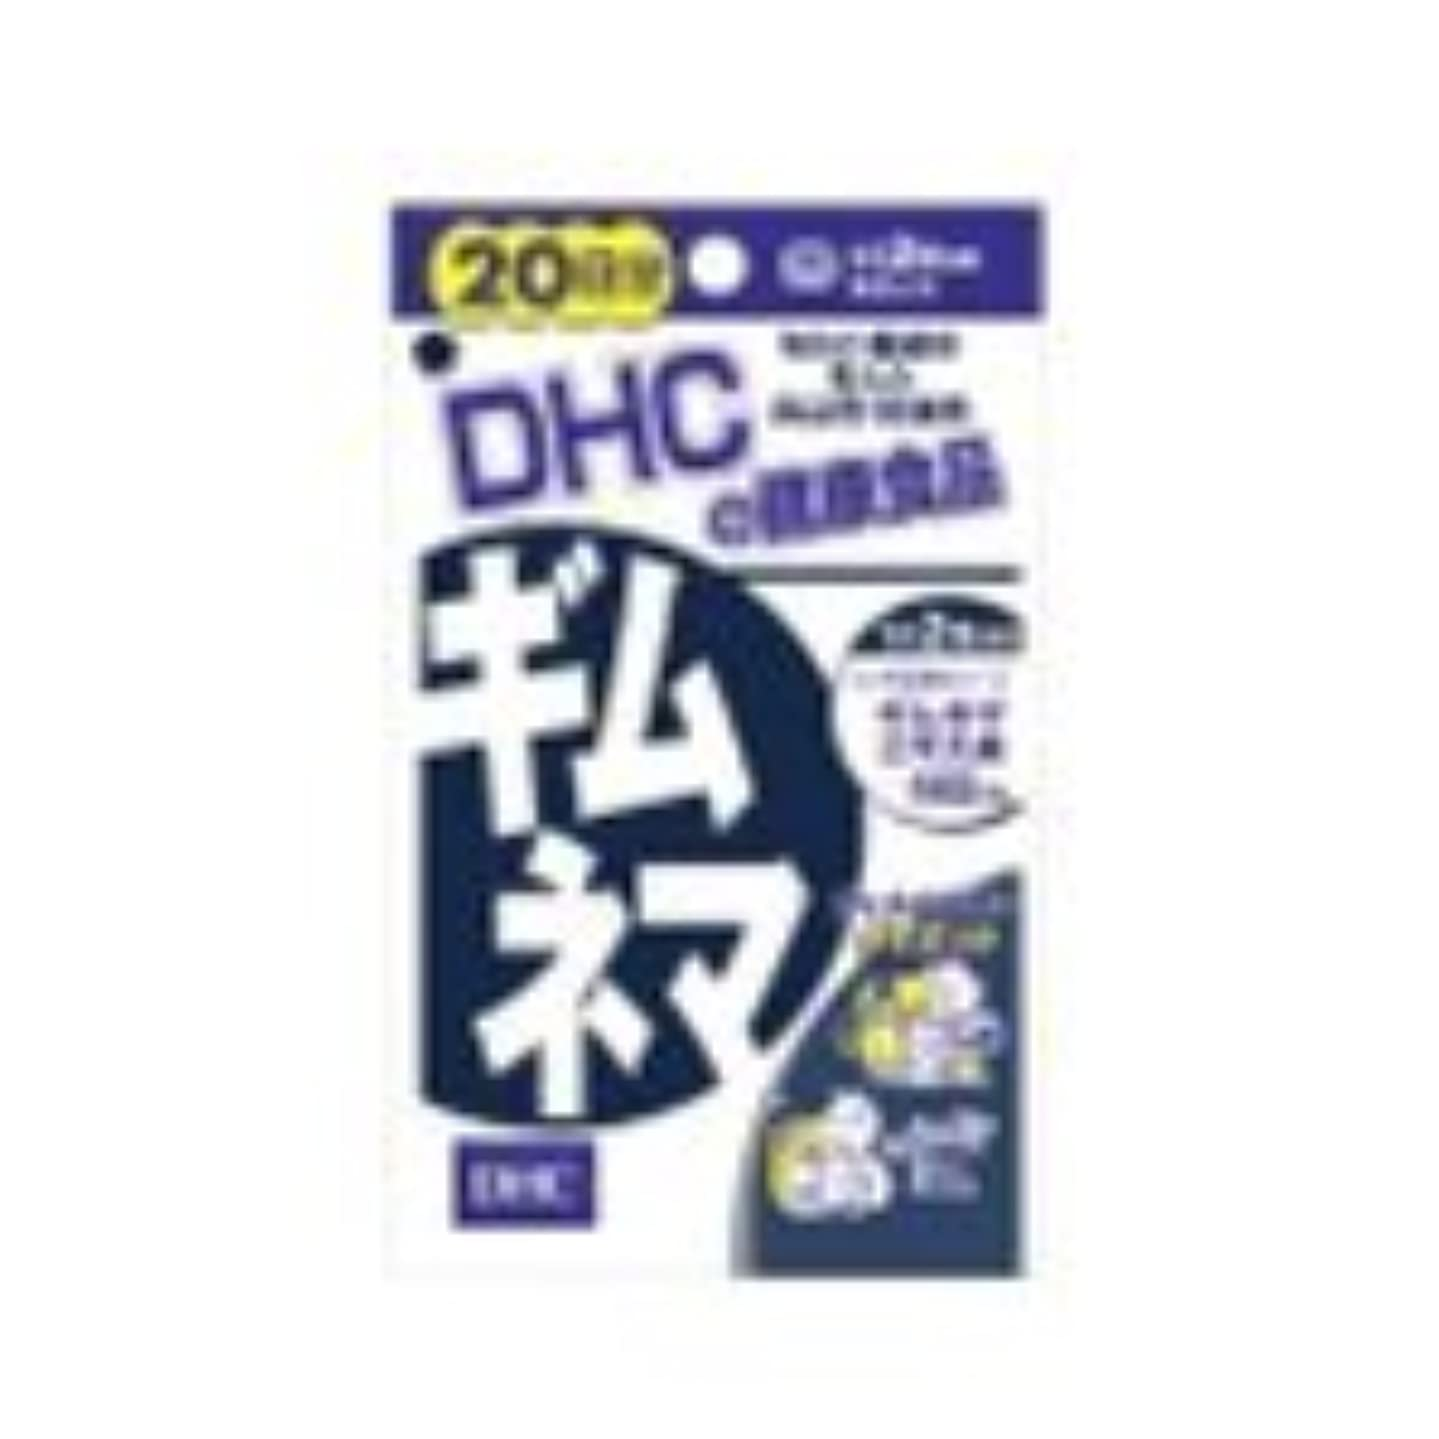 寄生虫歩き回る掃除★ DHC 20日分 ギムネマ